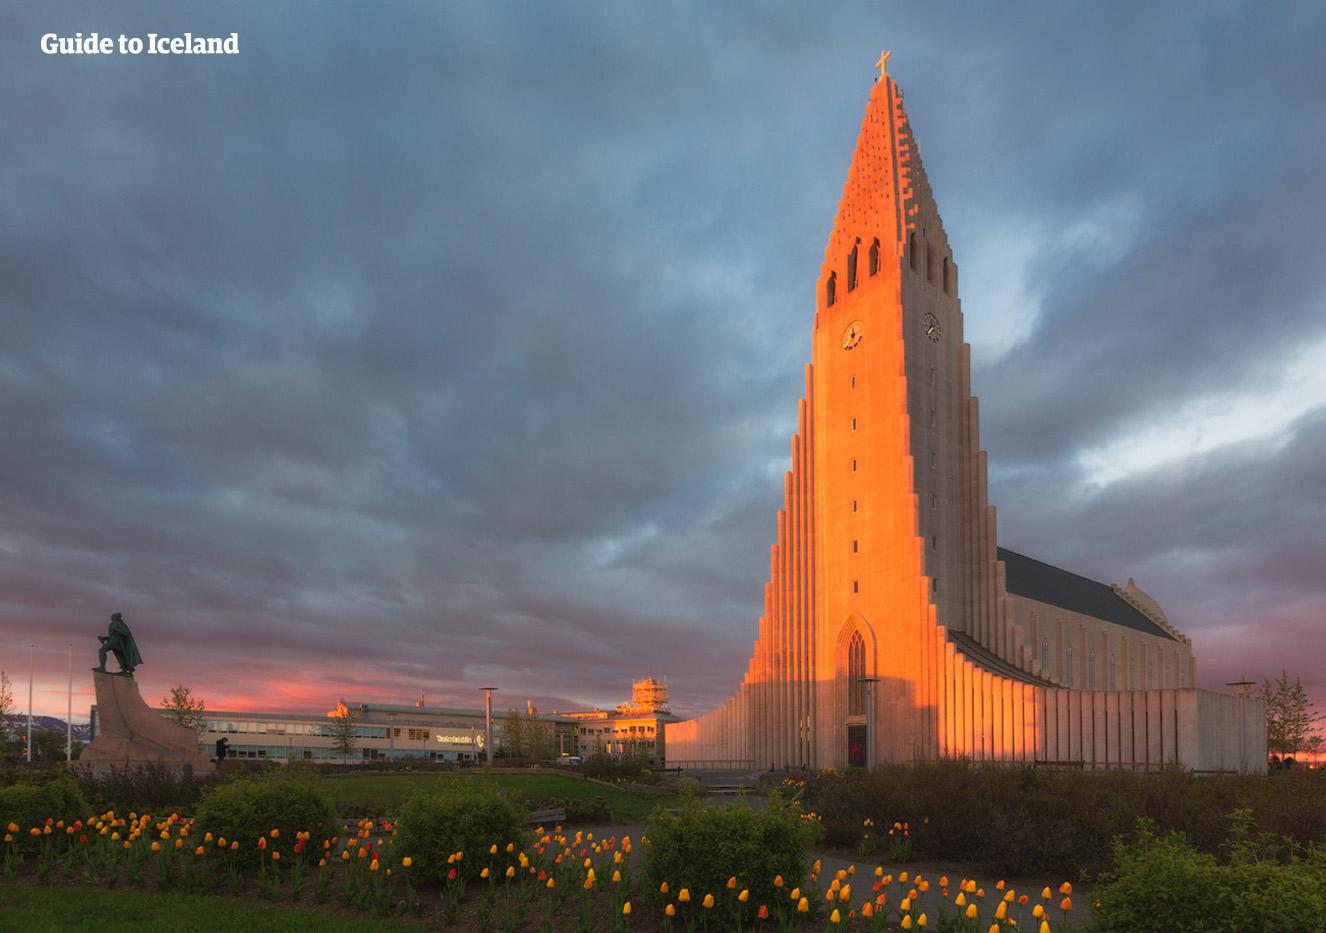 Dra nytta av midnattssolen och besöka några av Reykjavíks många restauranger, kaféer och barer på kvällen.